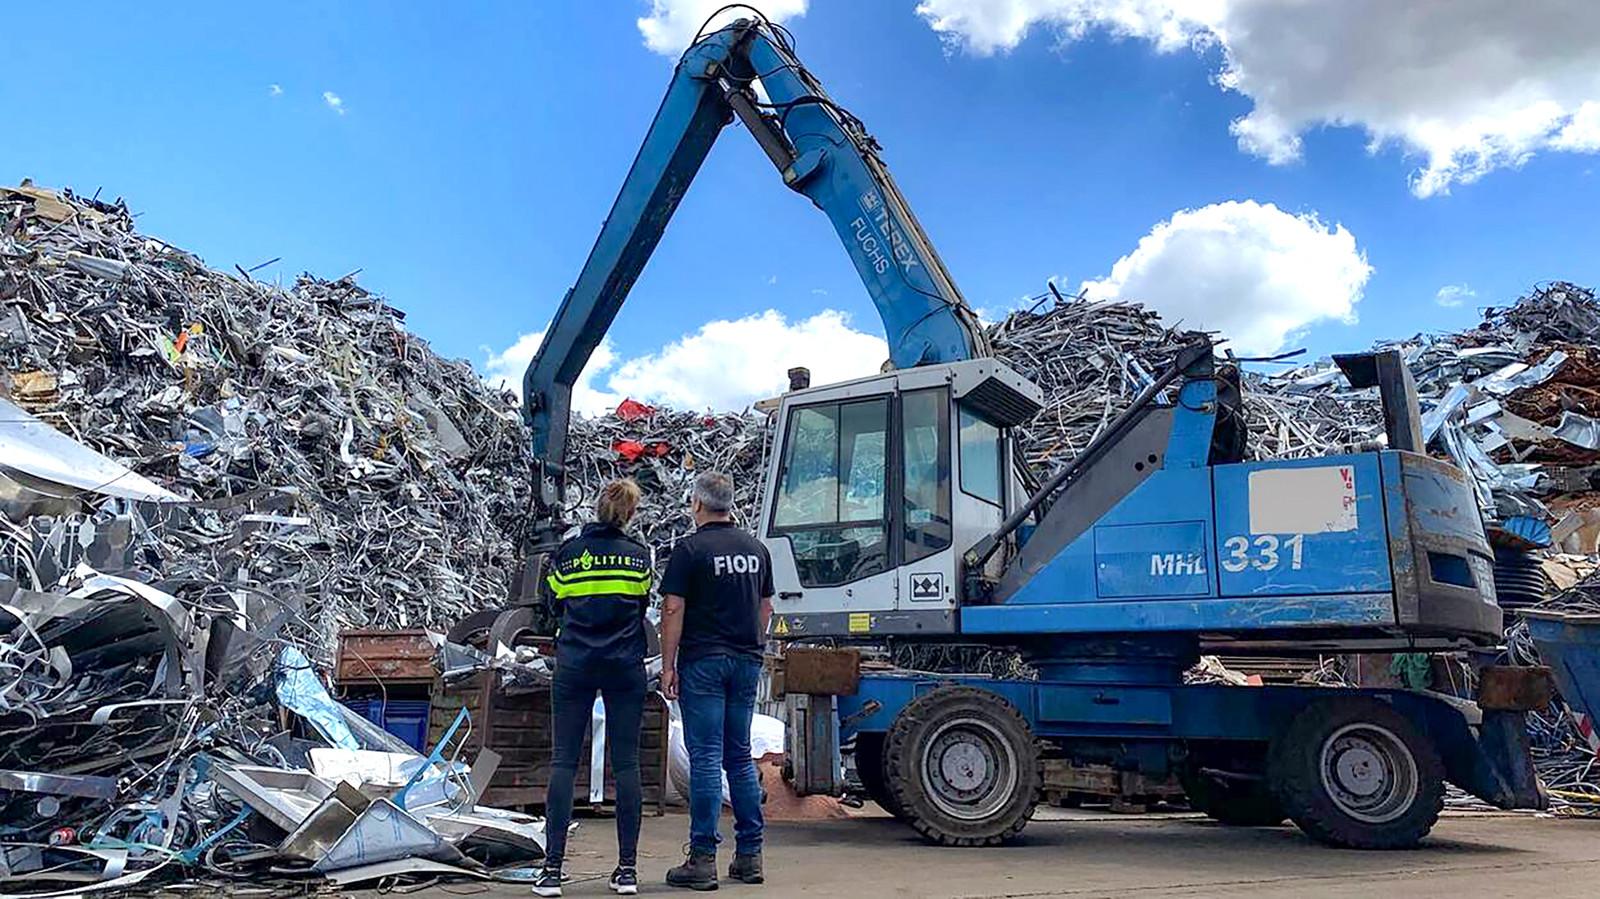 Het bedrijf zamelde volgens het OM weliswaar afval in om te recyclen, maar dat gebeurde onvoldoende, zodat het afval zich opstapelde tot een hoogte van meer dan 10 meter.